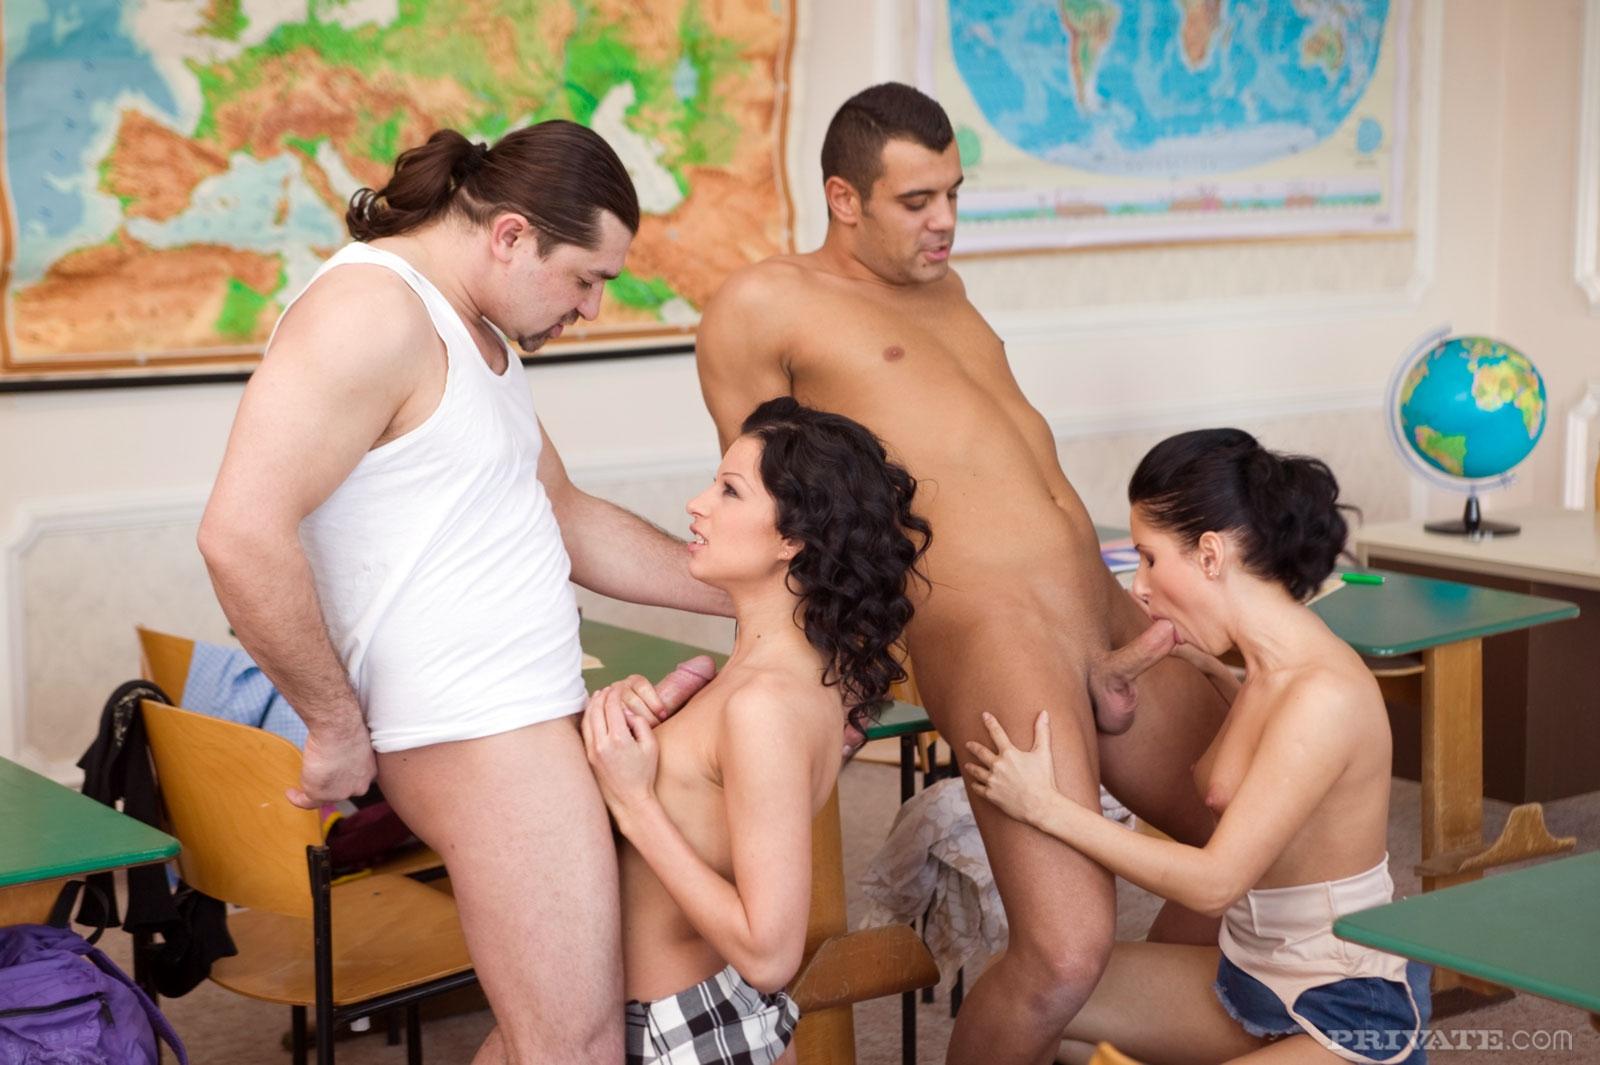 Студенты сдают экзамен сексом 6 фотография